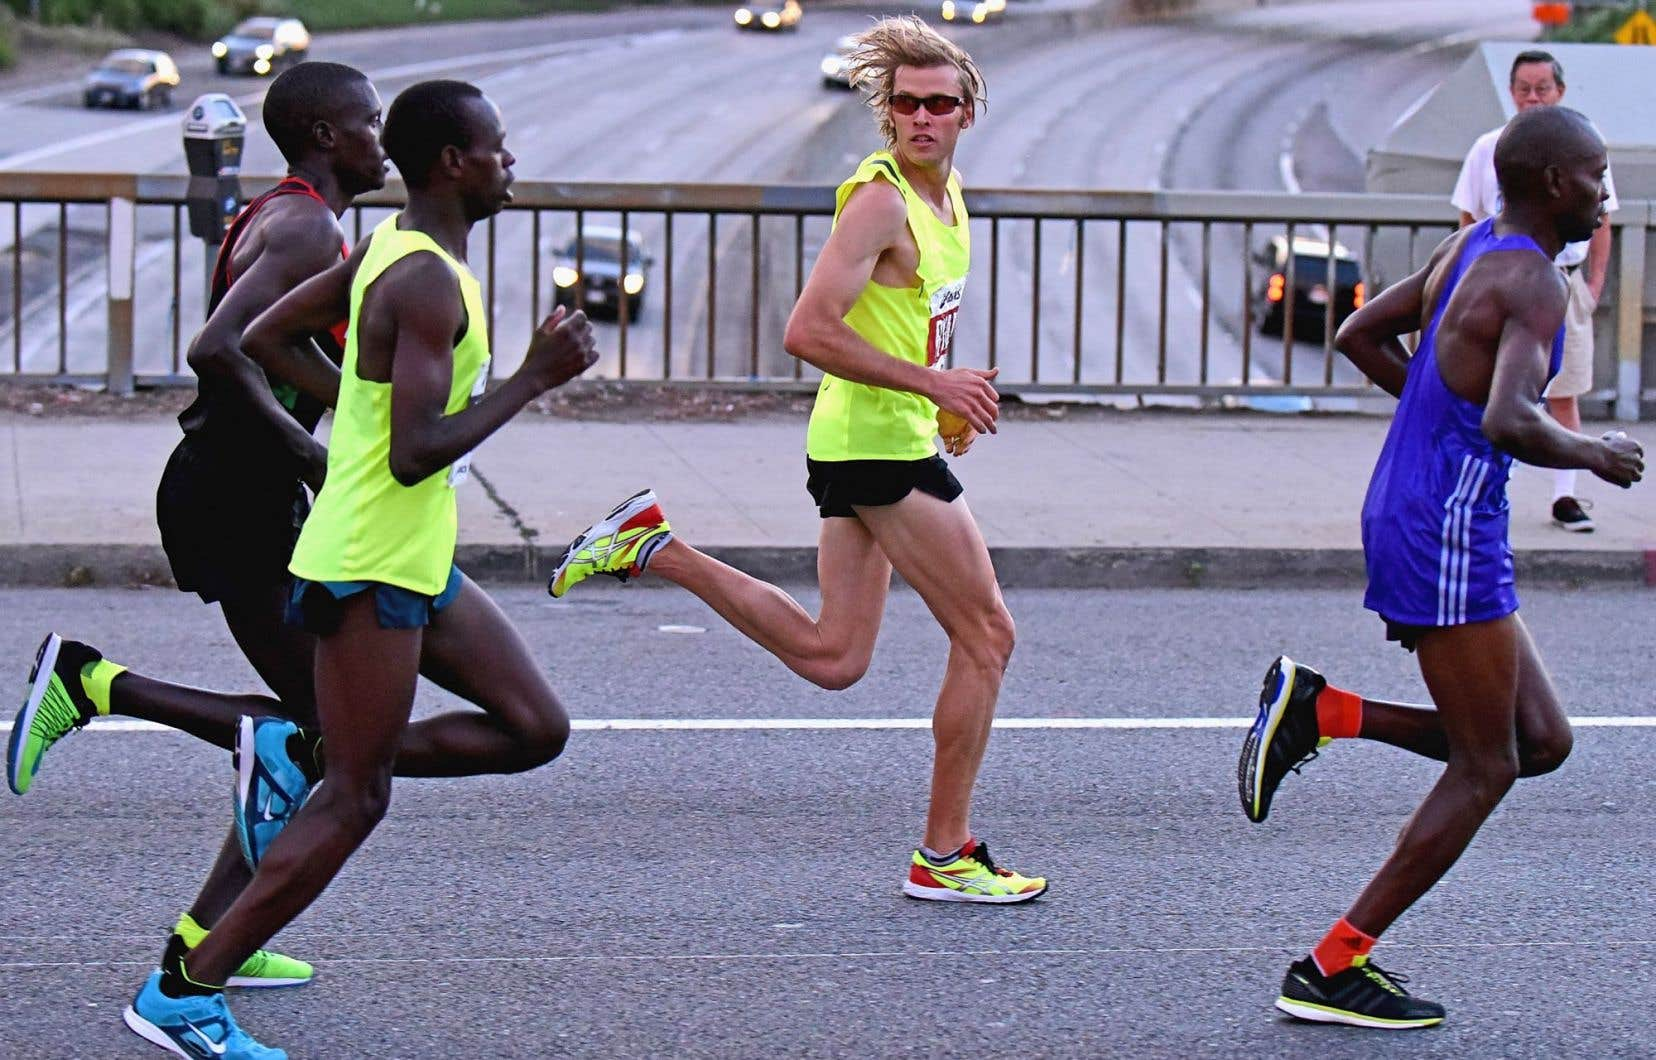 La course à pied est un exercice de dépassement de soi, l'humain lutte pour repousser les limites imposées par la nature et la vie.